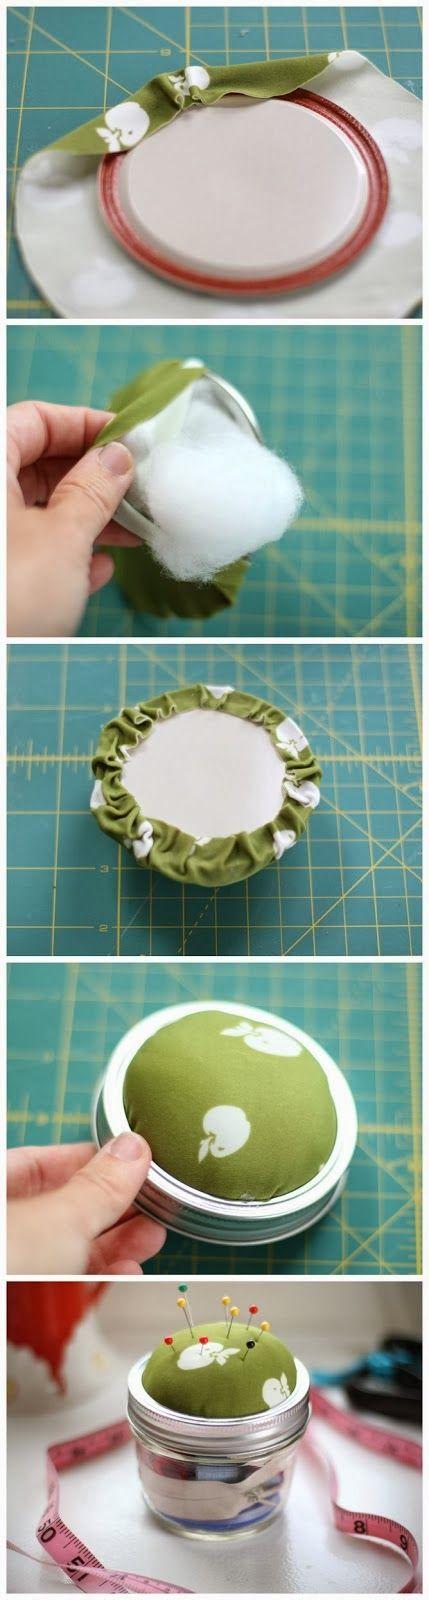 DIY: Mason Jar Sewing Kit - This would make a great gift!